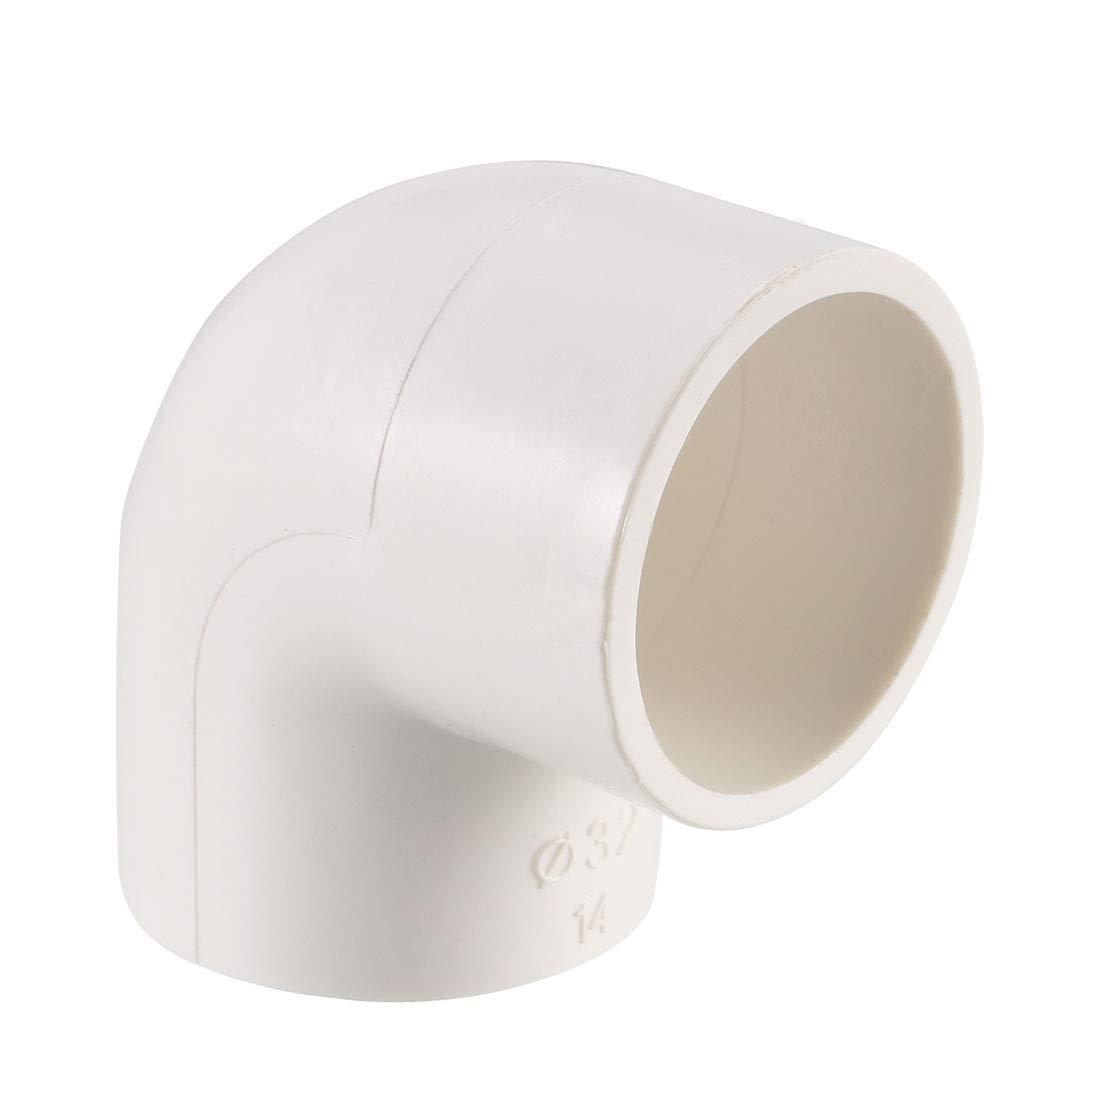 10 unidades Conector deslizante de 25mm Adaptador de tuber/ías de PVC sourcing map Conector de acoplamiento de codo de 90 grados Gris